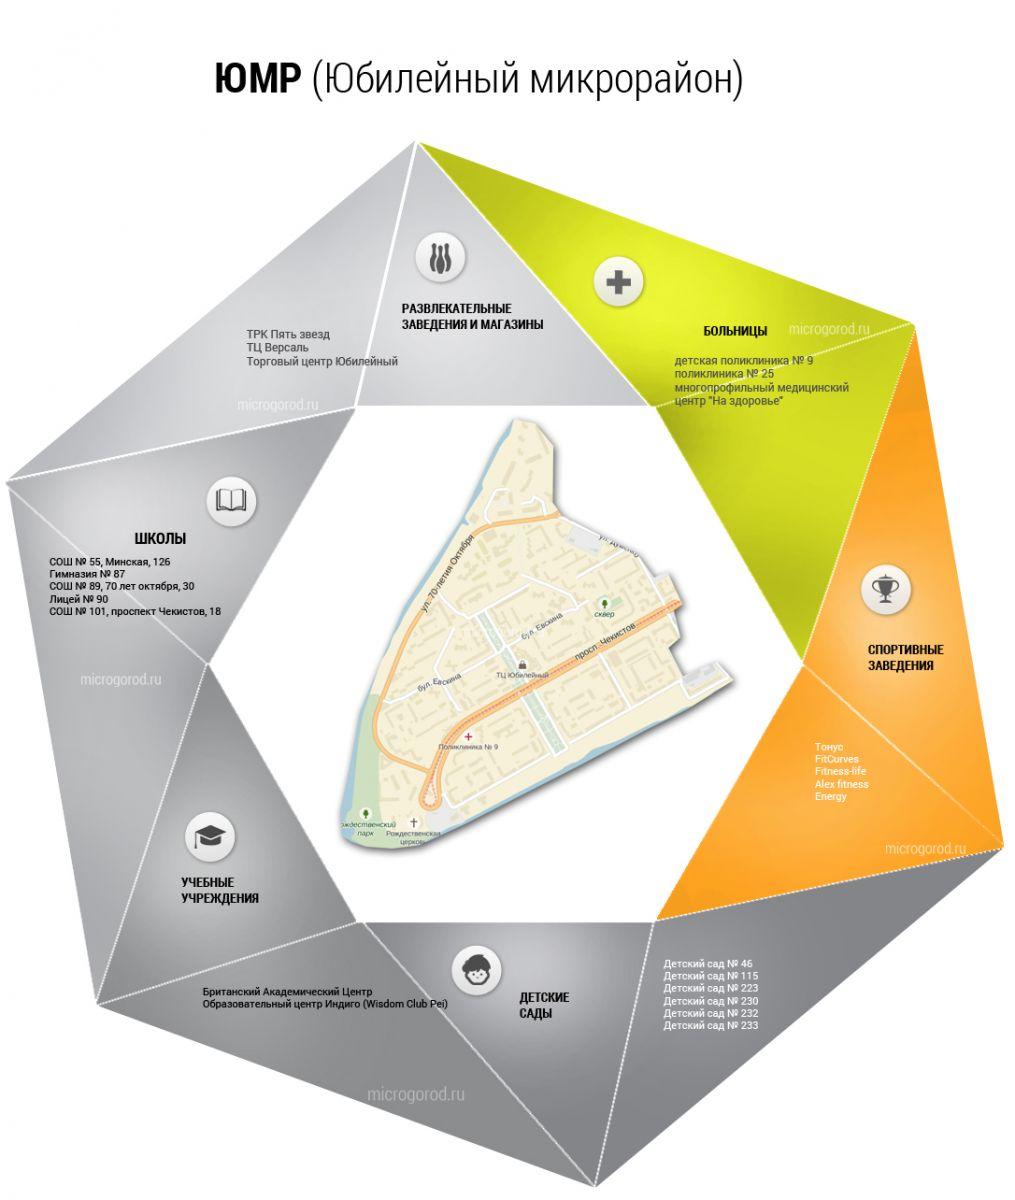 Юбилейный микрорайон Краснодара ЮМР. Район ЮМР на карте Краснодара, купить  квартиру юмр от застройщика 1f09db67a0e